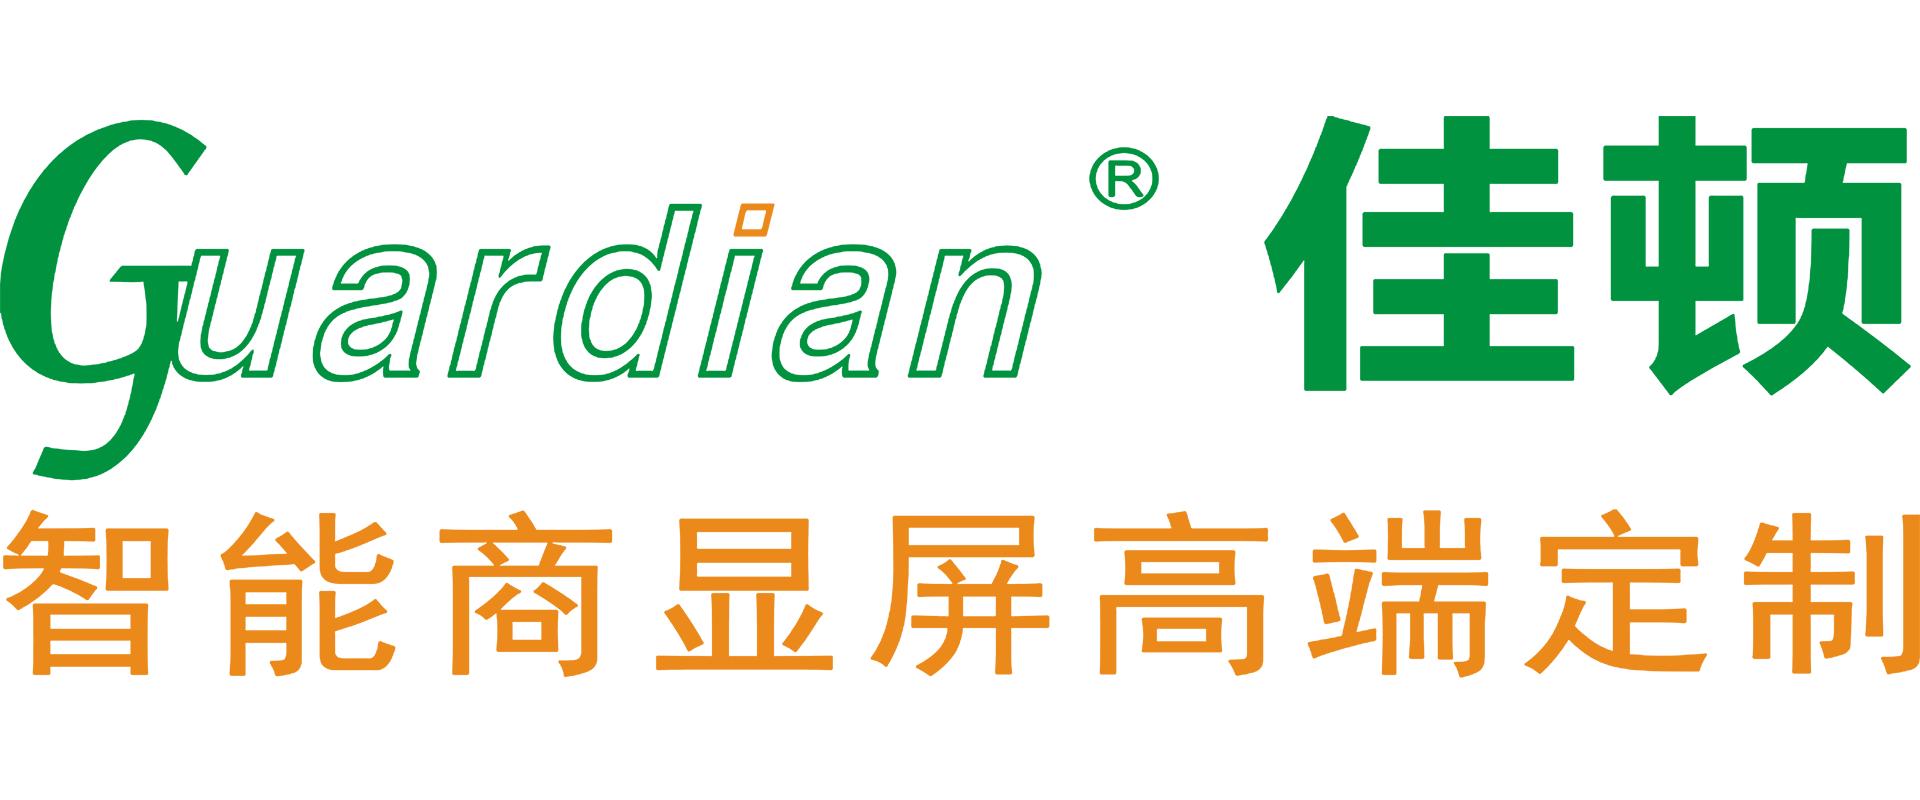 深圳市佳顿智能科技有限公司(佳顿Guardian)简介——佳顿Guardian产品品牌商标LOGO标志